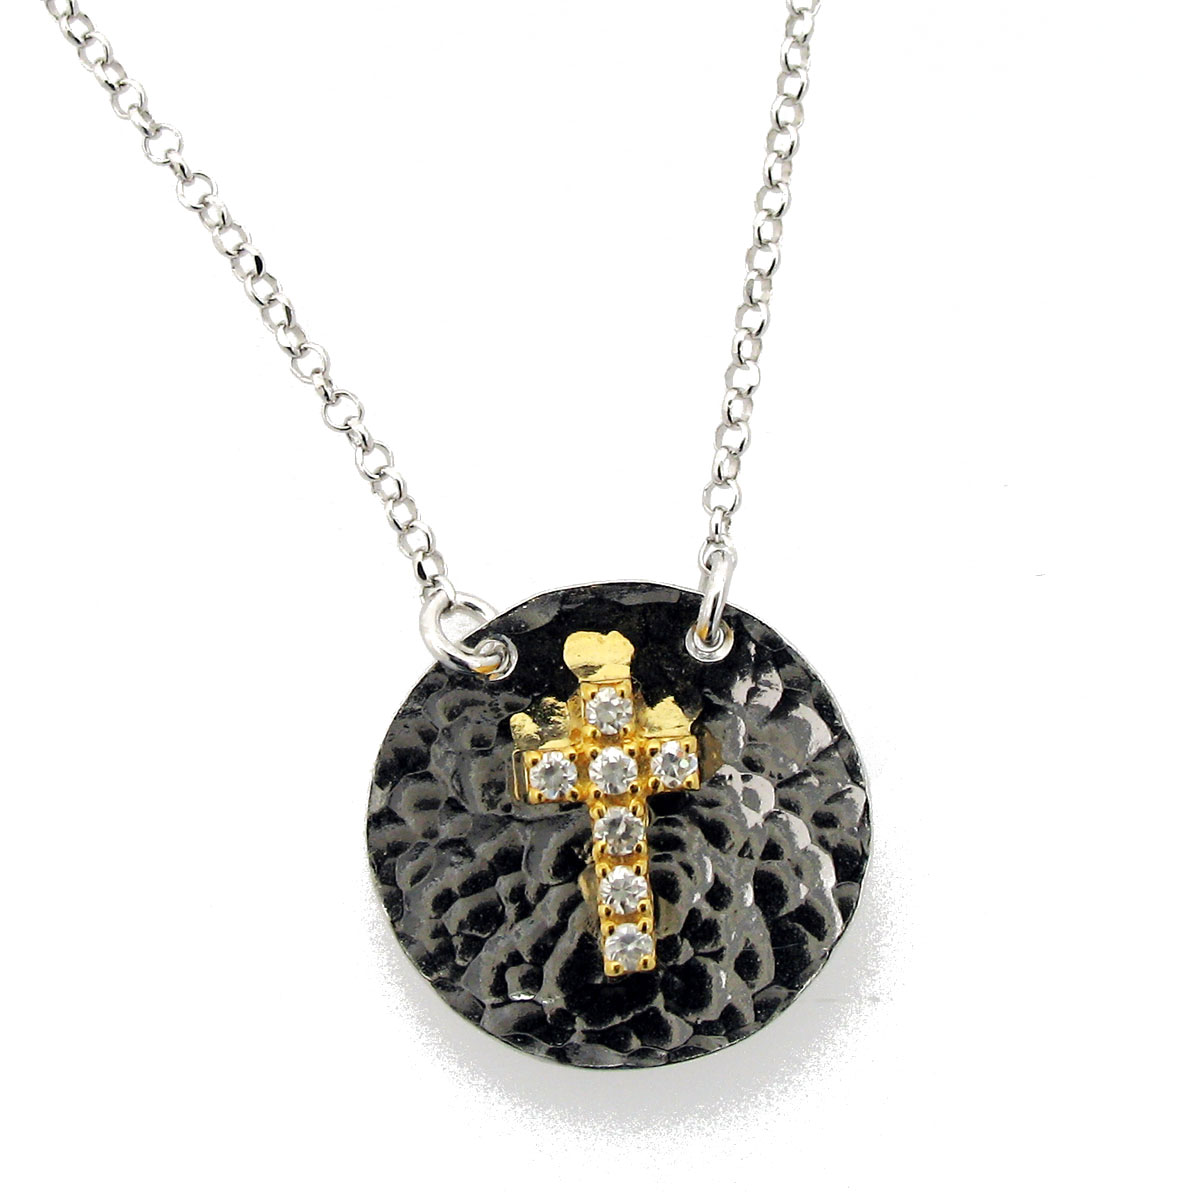 Χειροποίητο κολιέ (Σταυρός) από επιχρυσωμένο ασήμι 925ο με ημιπολύτιμες  πέτρες (Ζιργκόν).  IJ-040017  1f5ea67f05a